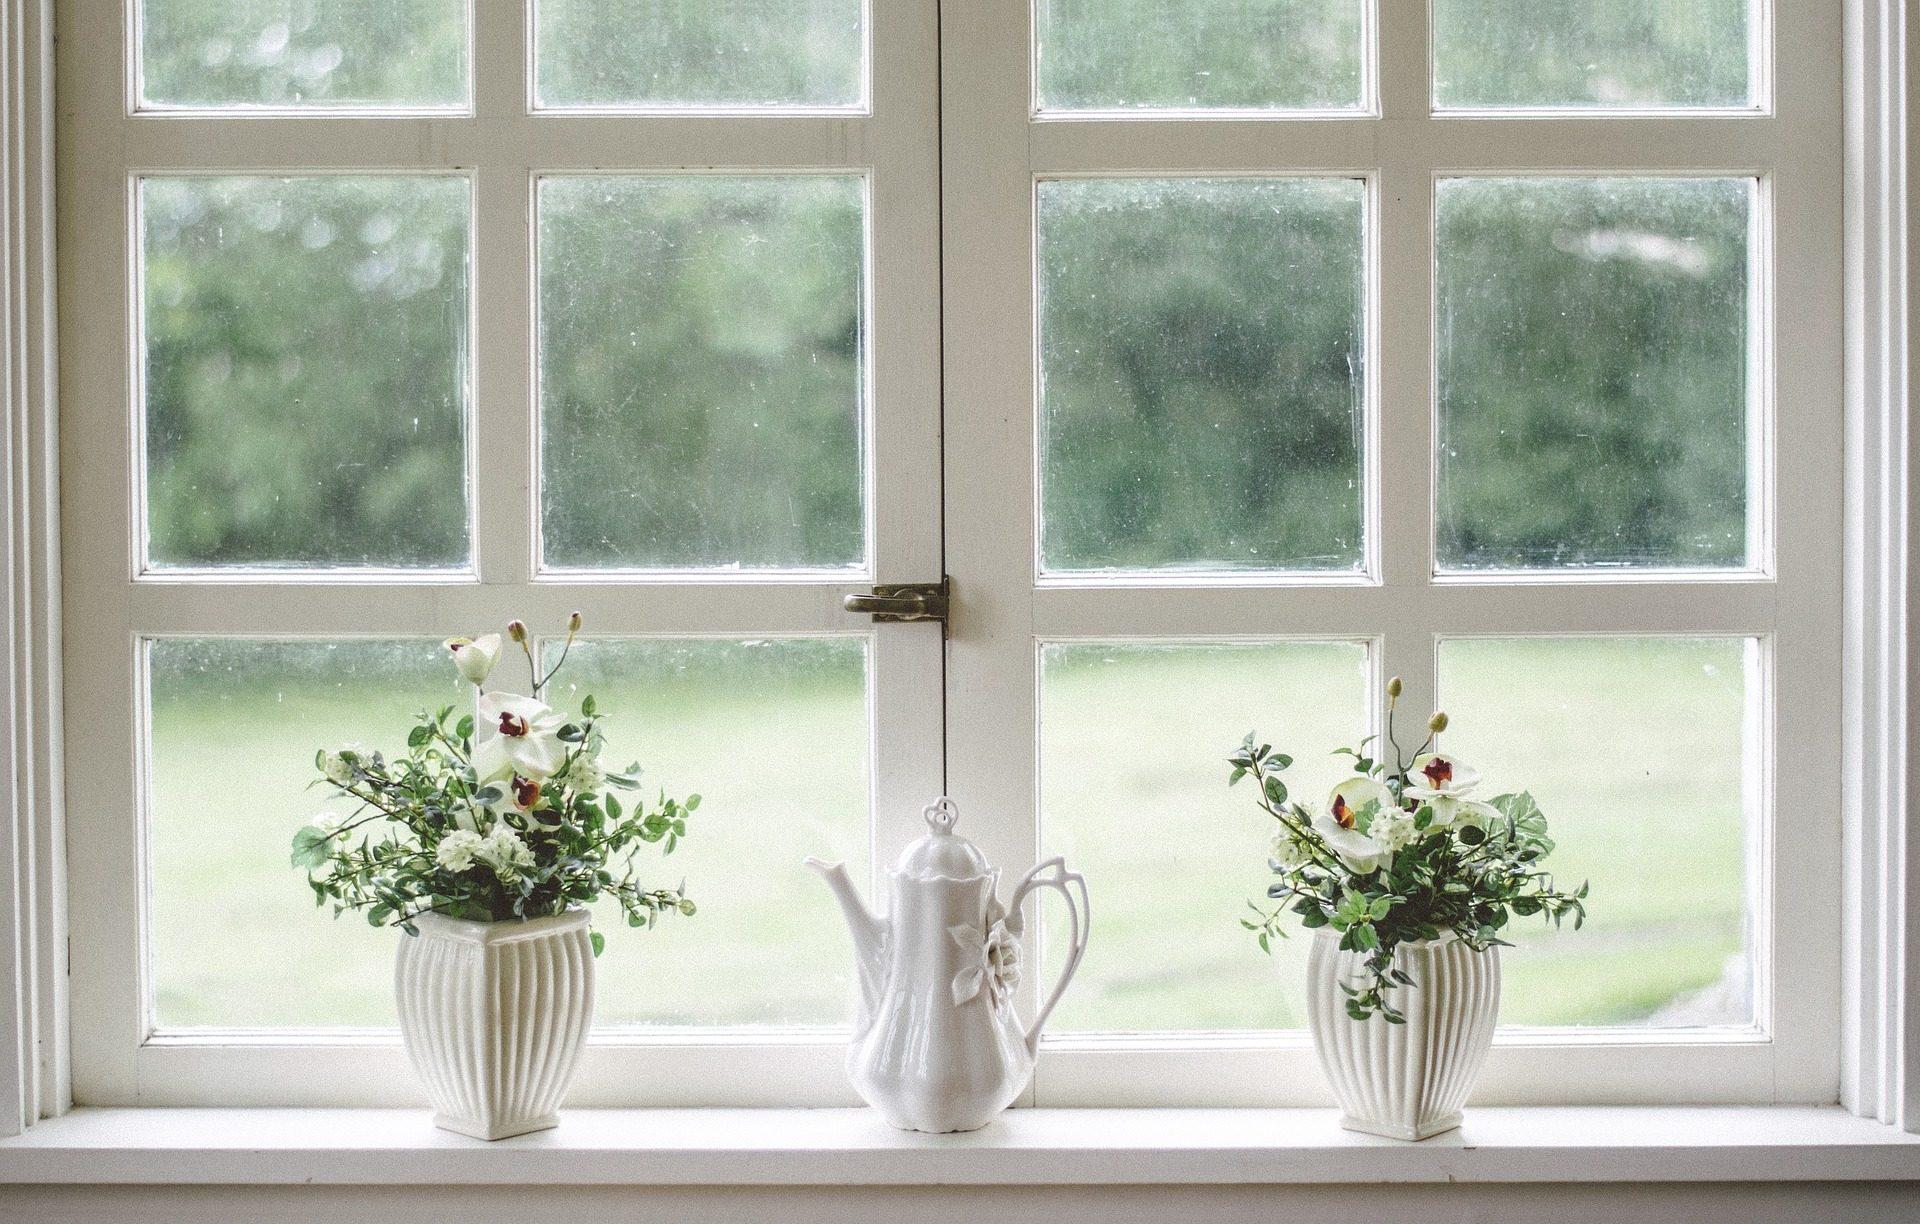 Pulire I Vetri Con Aceto come pulire i vetri molto sporchi senza sforzo con rimedi